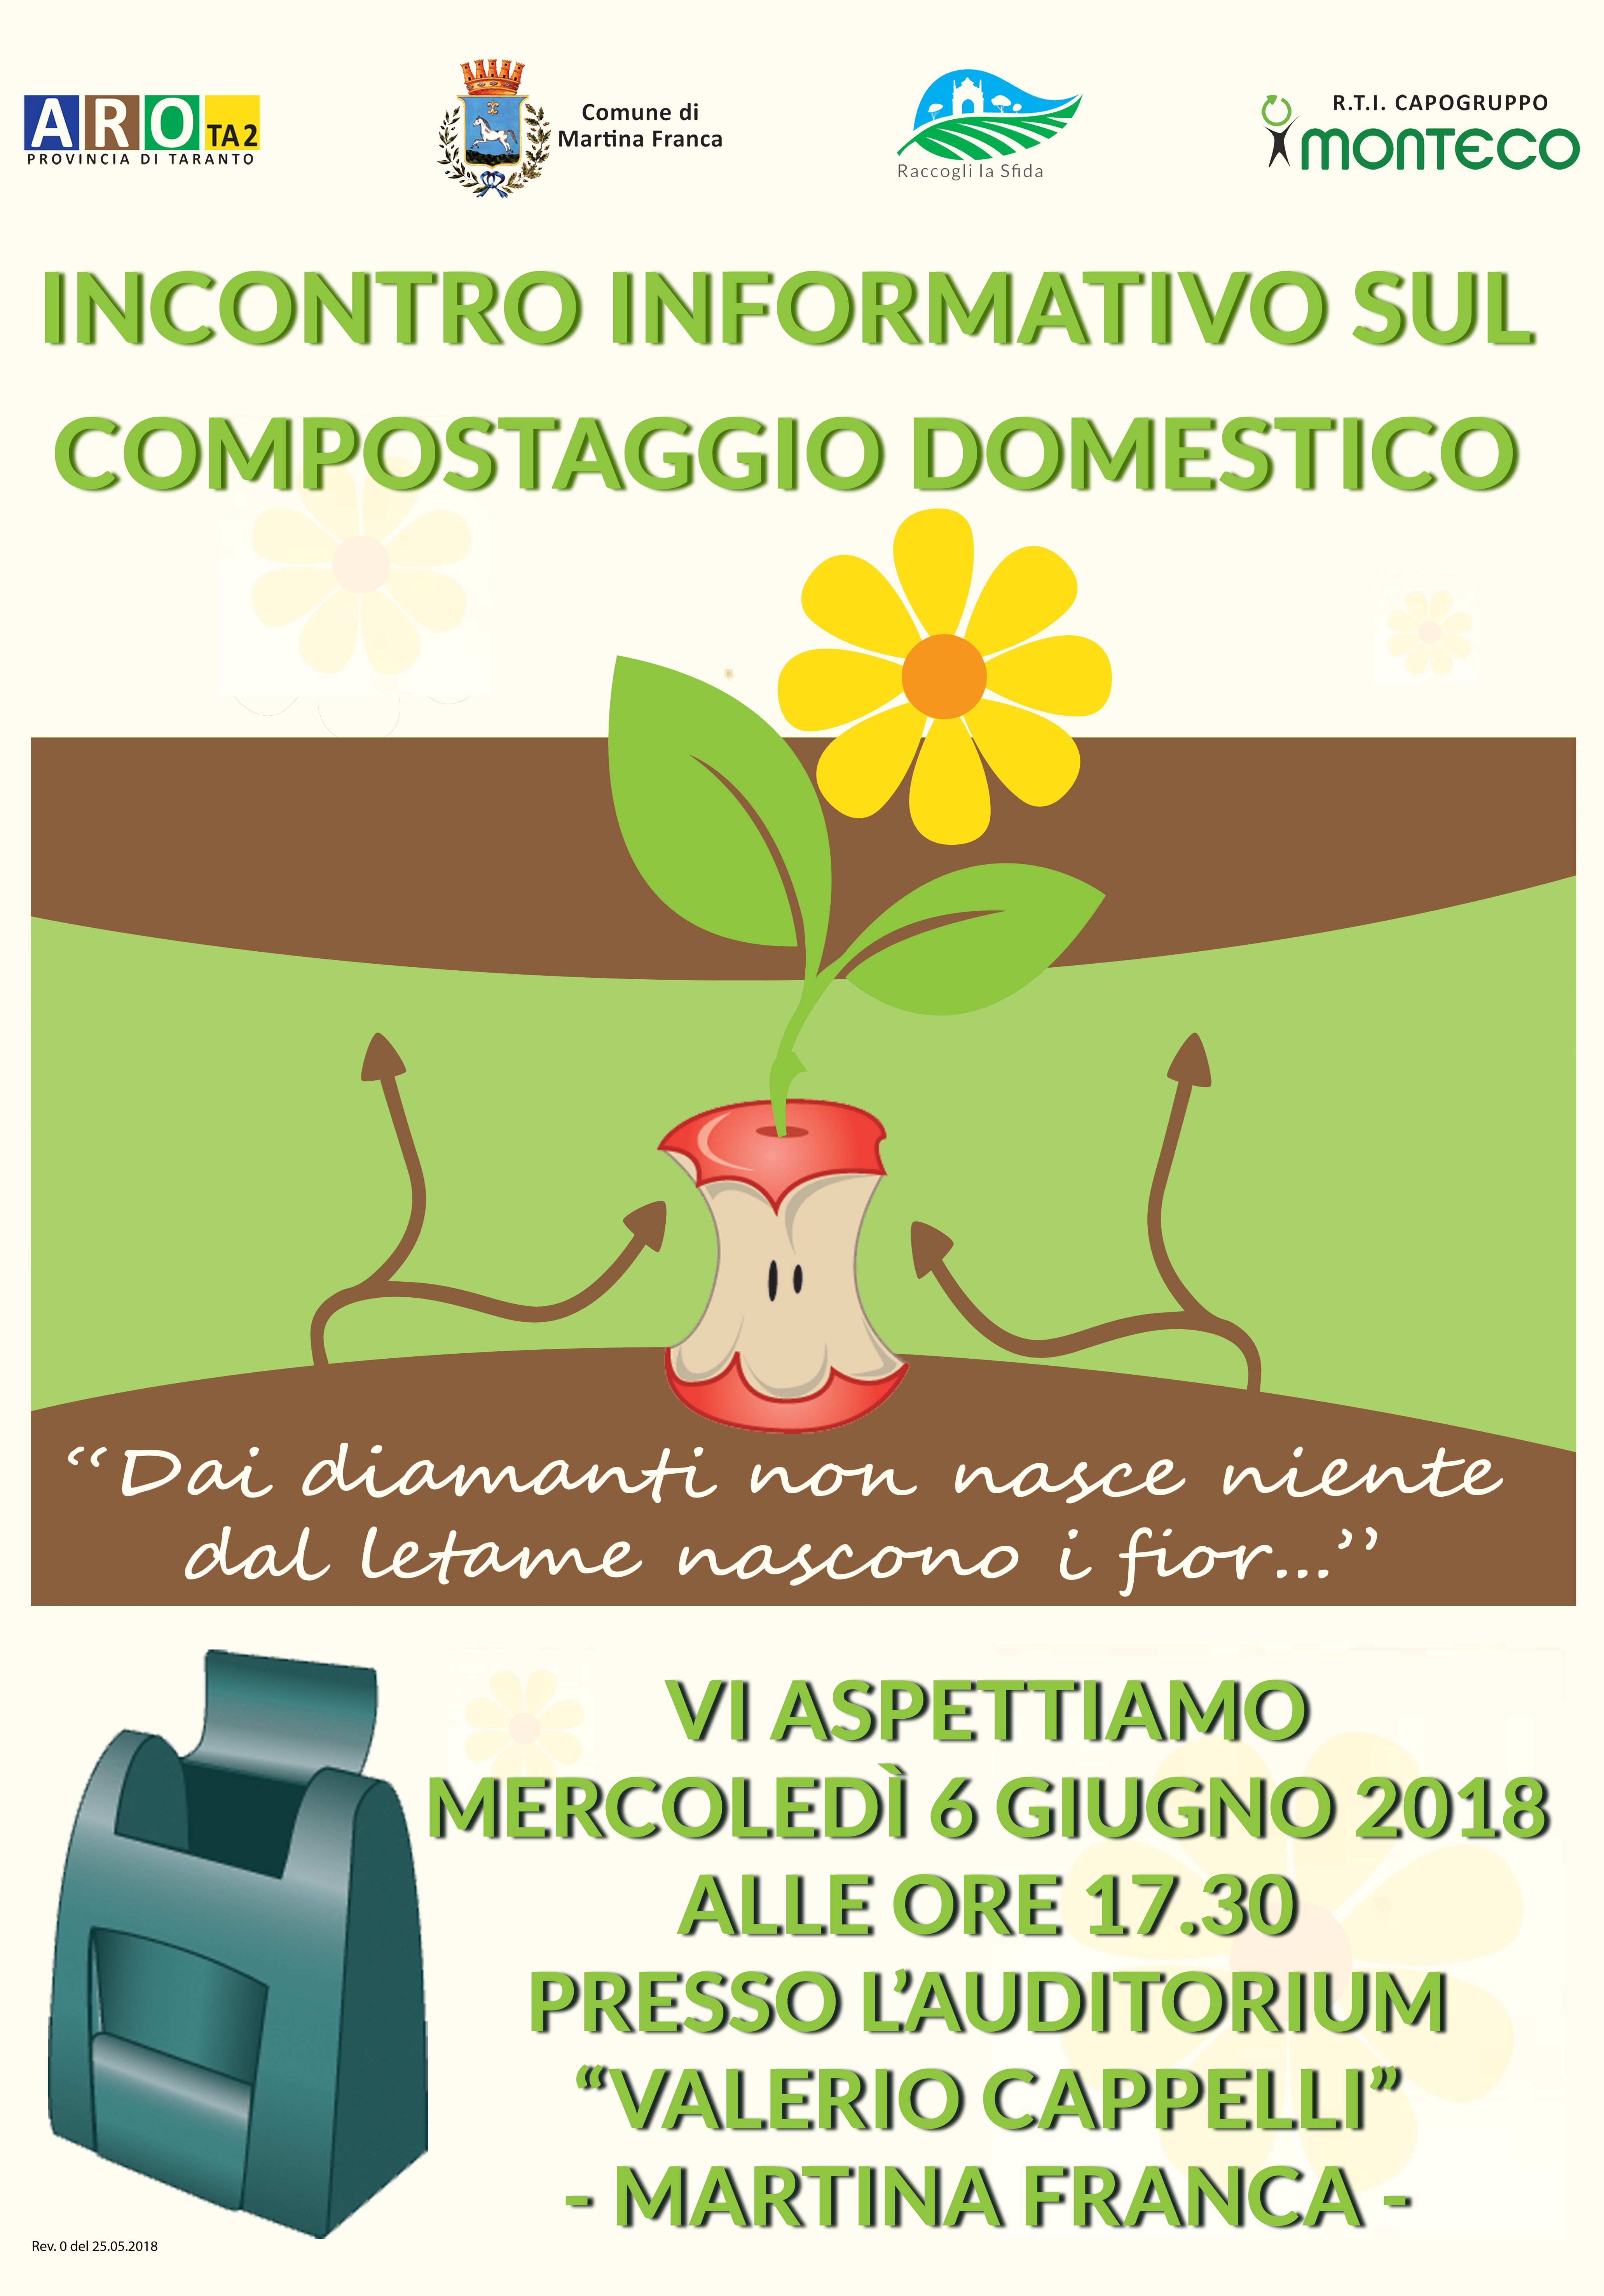 Martina Franca - Incontro informativo sul compostaggio domestico